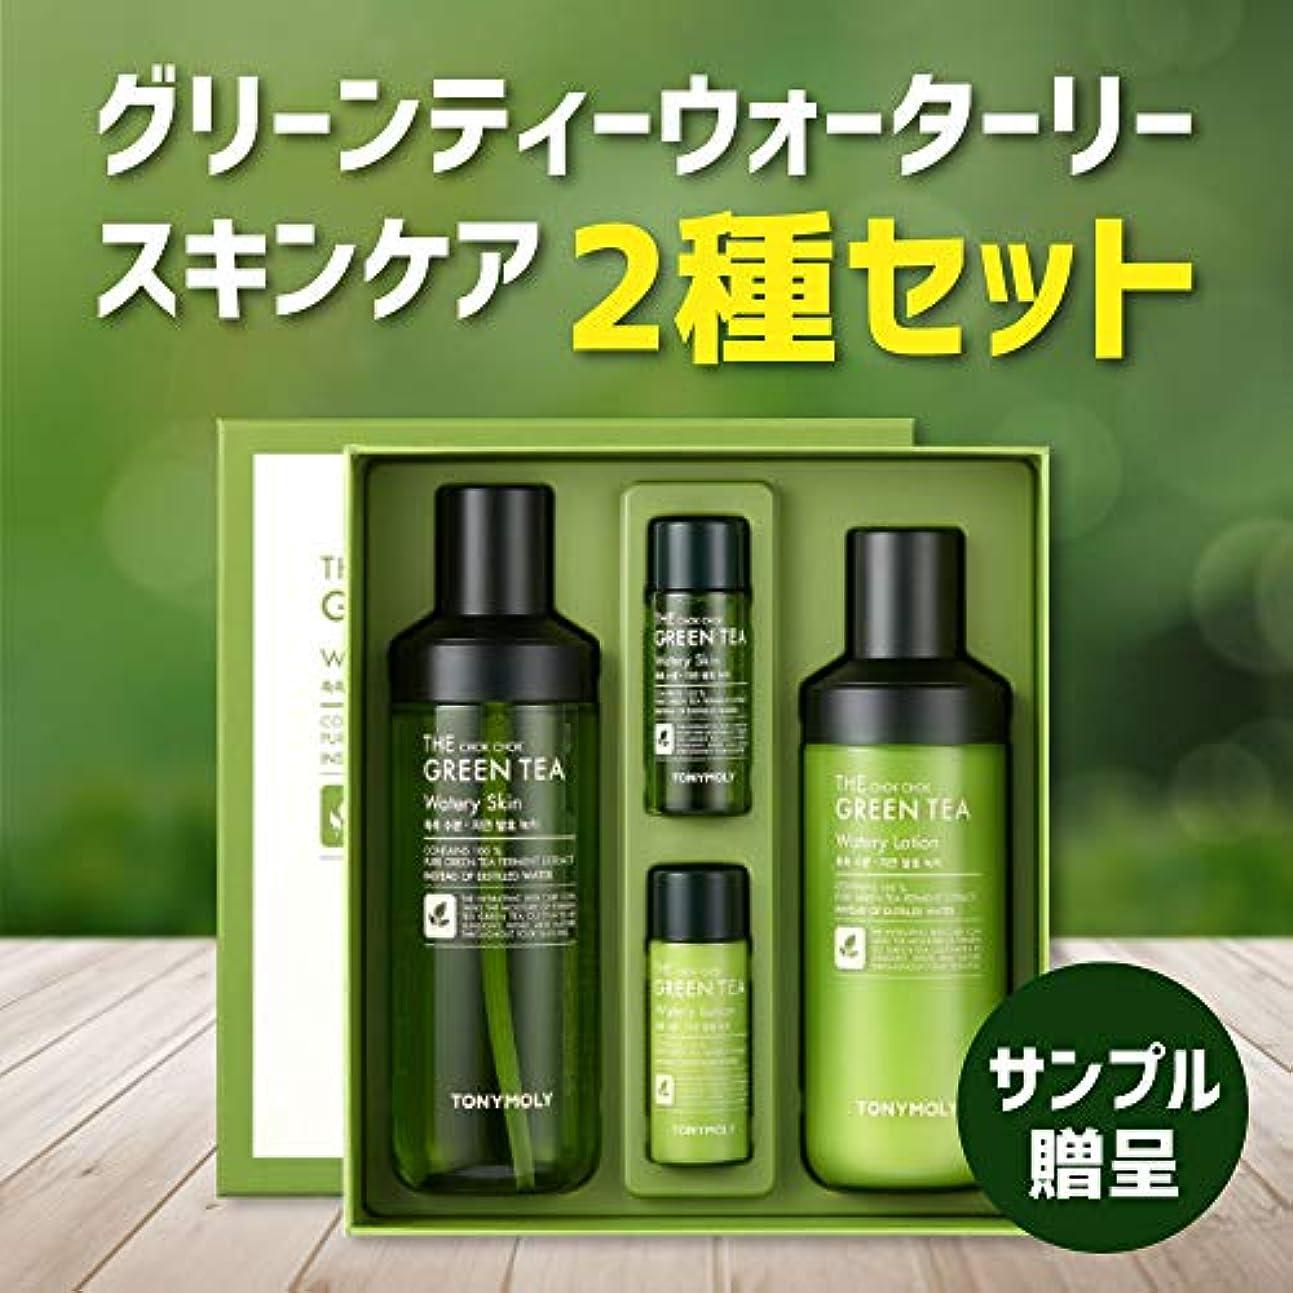 抽出マイクロフォンギャングTONYMOLY しっとり グリーン ティー 水分 化粧水 乳液 セット 抹茶 The Chok Chok Green Tea Watery Skin